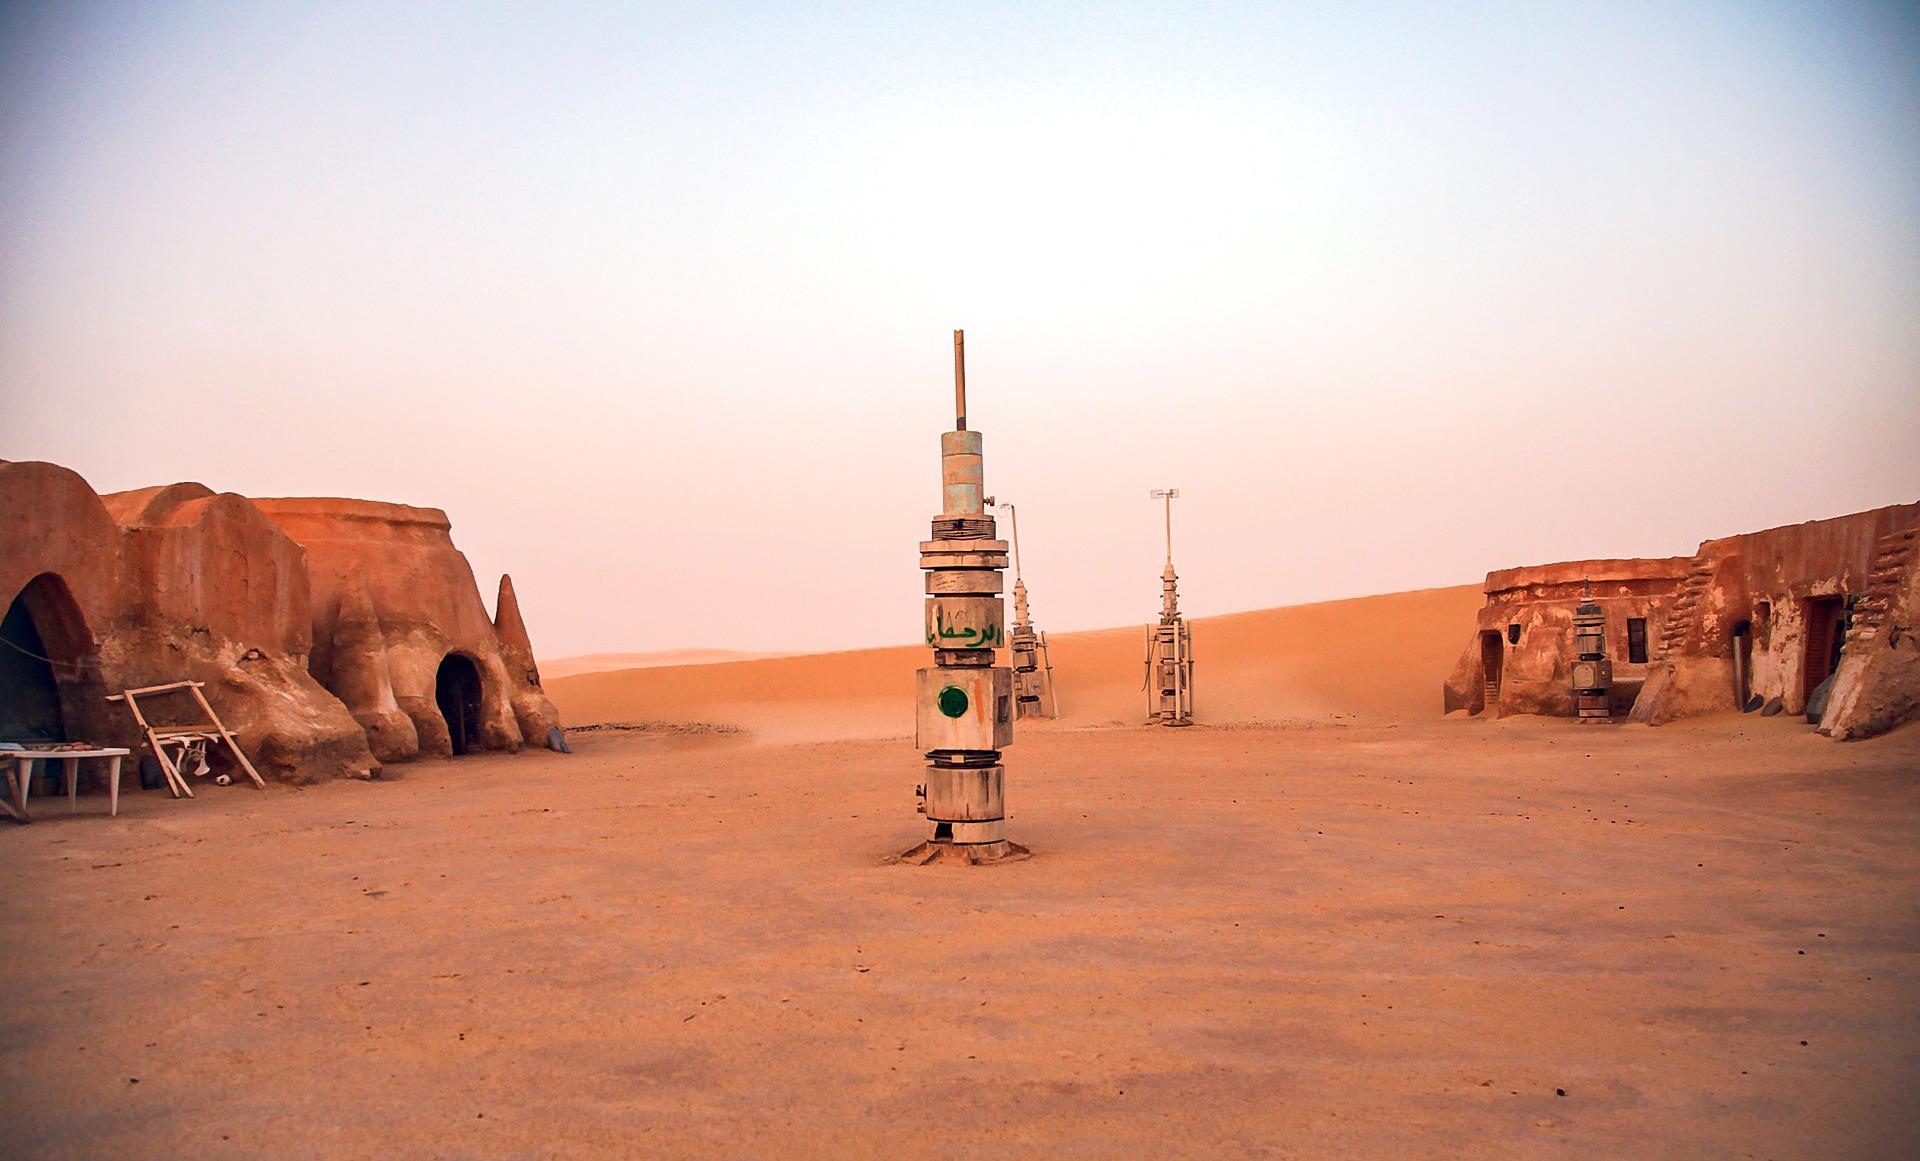 スターウォーズ撮影地の風景